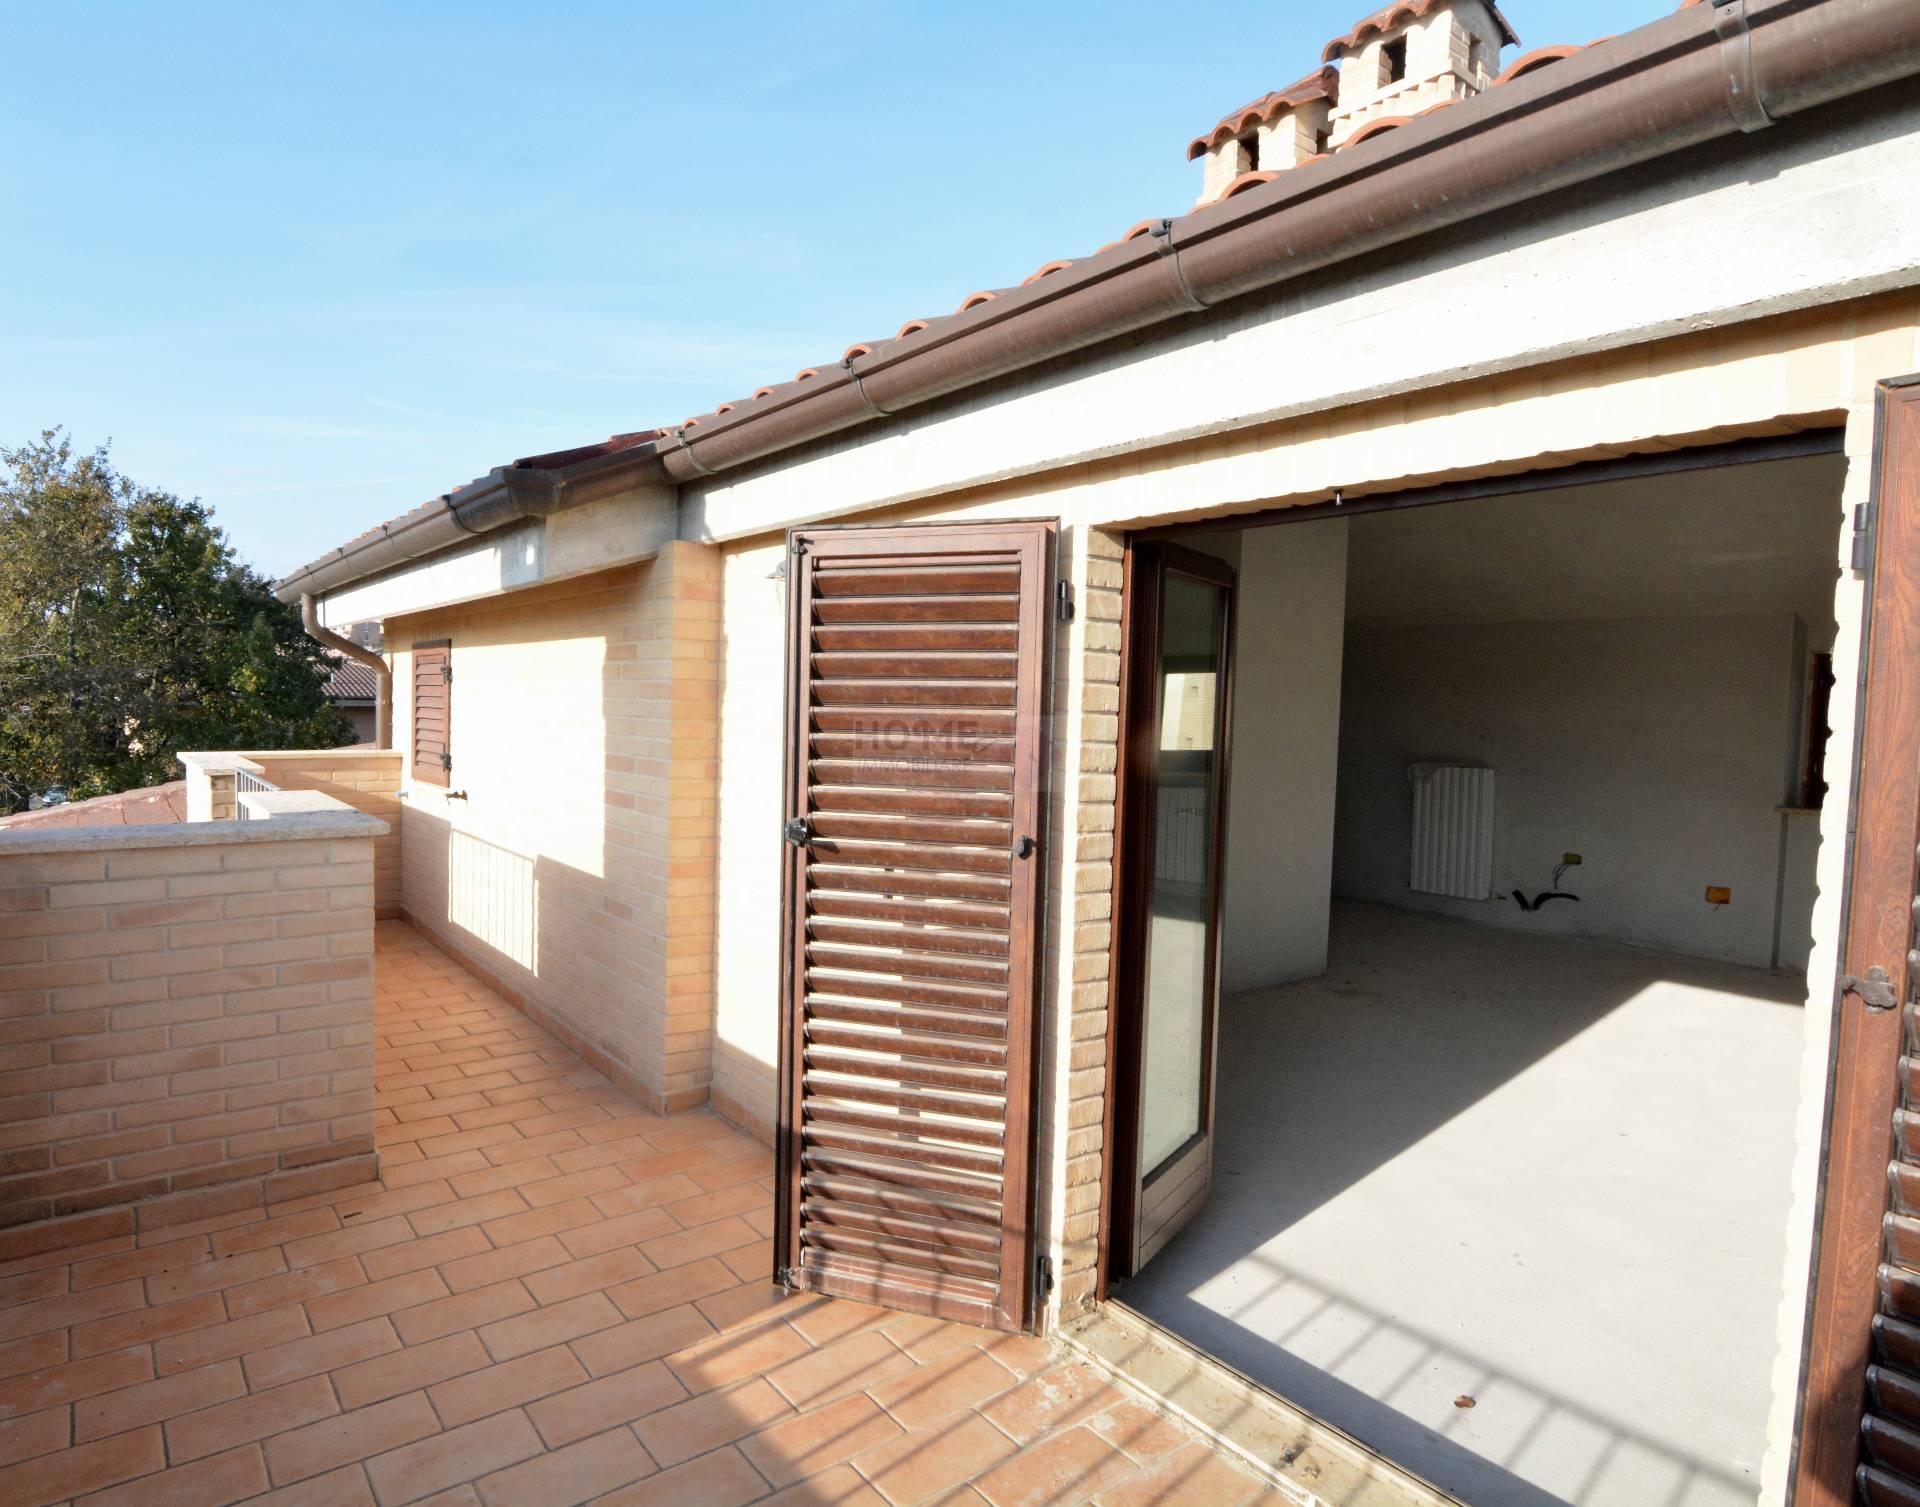 Annunci di case e appartamenti in vendita a macerata for Case in vendita macerata